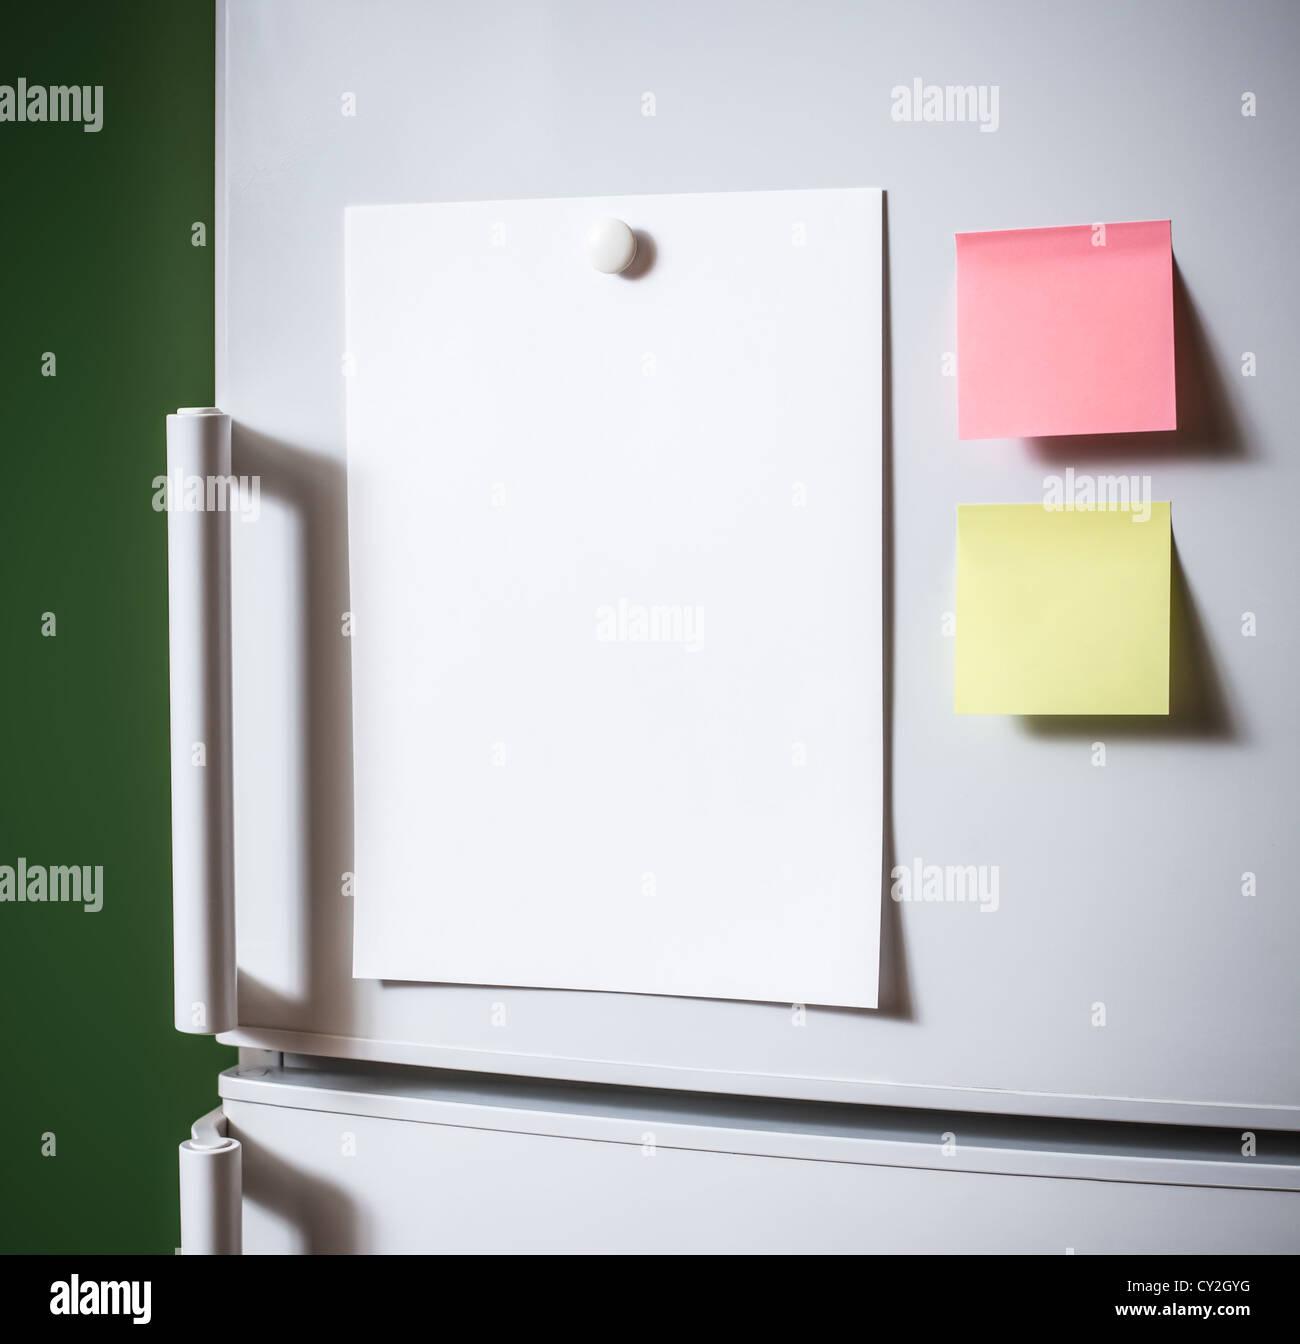 Svuotare il foglio di carta sulla porta frigo Immagini Stock